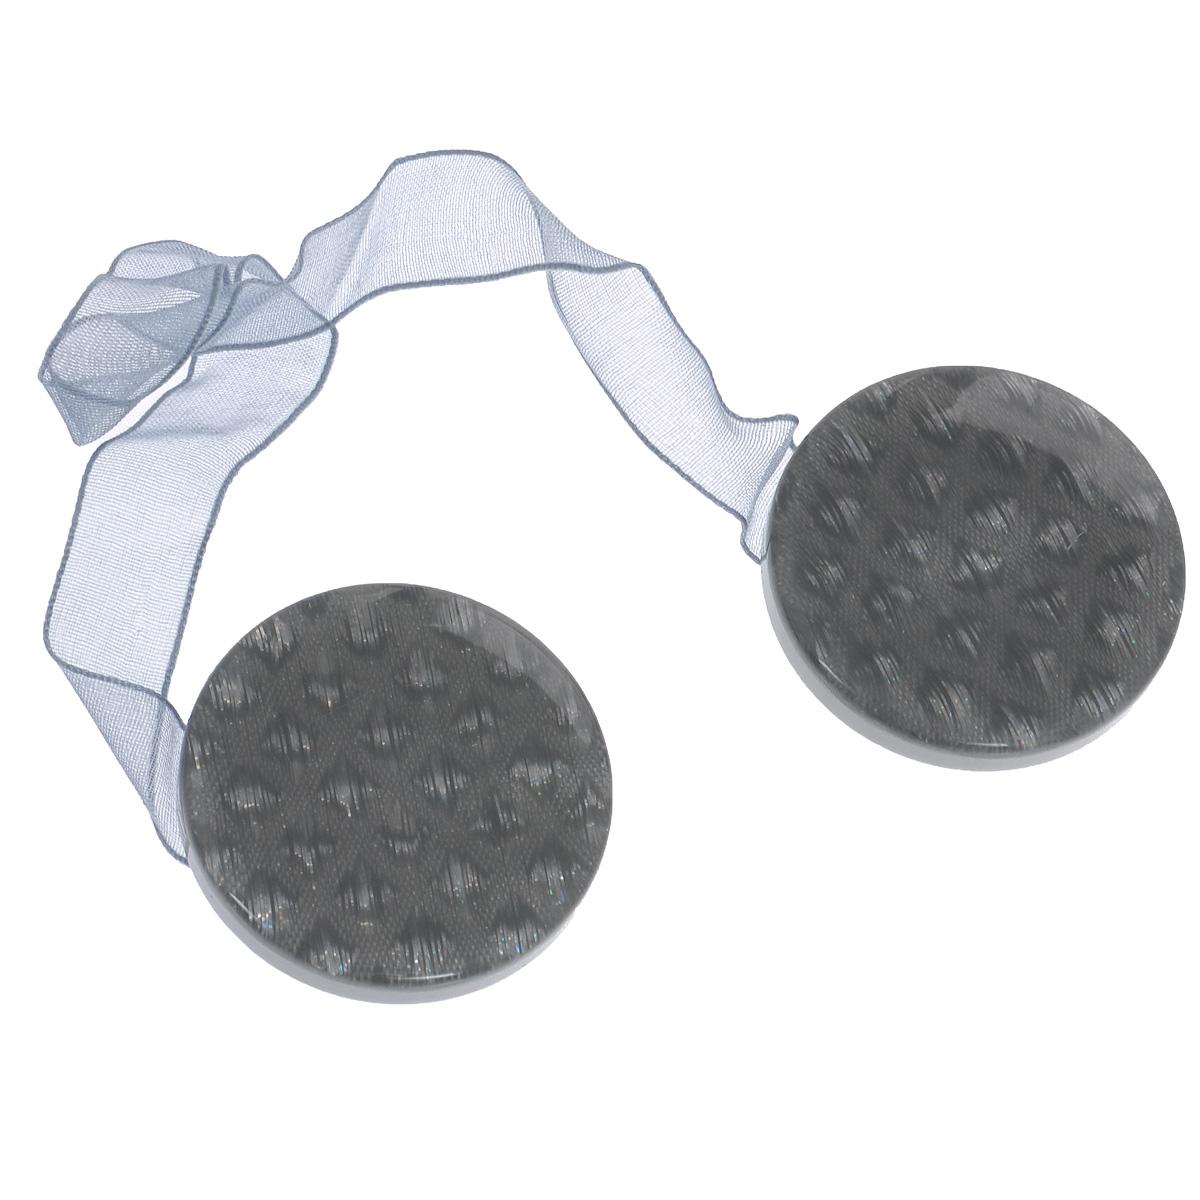 Клипса-магнит для штор Calamita Fiore, цвет: серый. 7704005_7267704005_726Клипса-магнит Calamita Fiore, изготовленная из пластика, предназначена для придания формы шторам. Изделие представляет собой два магнита круглой формы, расположенные на разных концах текстильной ленты. С помощью такой магнитной клипсы можно зафиксировать портьеры, придать им требуемое положение, сделать складки симметричными или приблизить портьеры, скрепить их. Клипсы для штор являются универсальным изделием, которое превосходно подойдет как для штор в детской комнате, так и для штор в гостиной. Следует отметить, что клипсы для штор выполняют не только практическую функцию, но также являются одной из основных деталей декора этого изделия, которая придает шторам восхитительный, стильный внешний вид. Диаметр клипсы: 4 см. Длина ленты: 28 см.